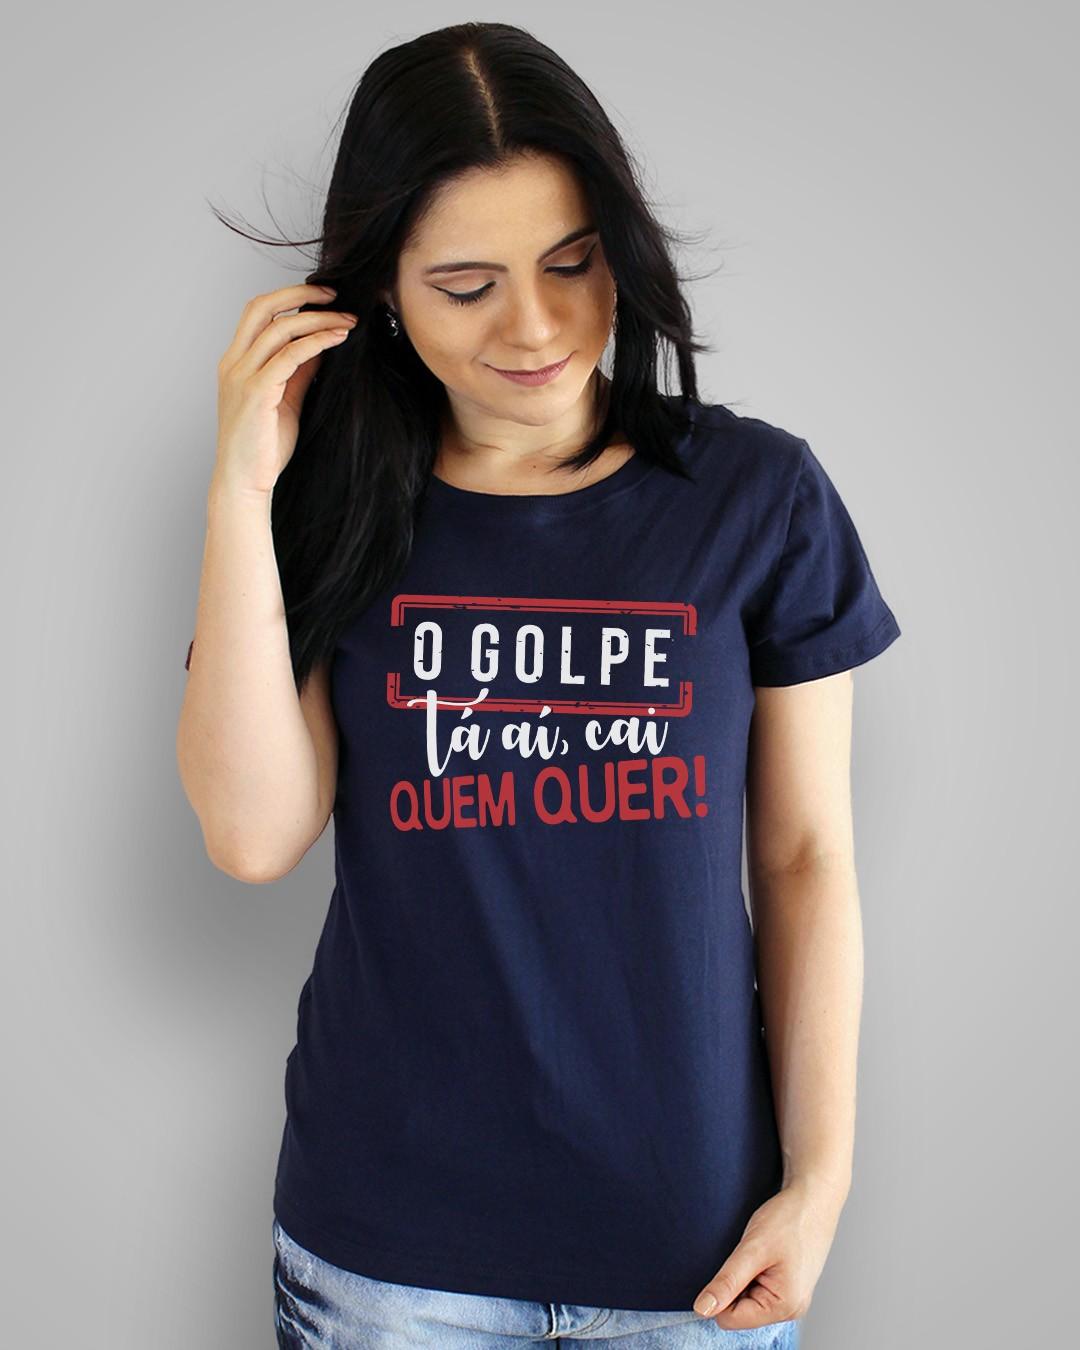 Camiseta O golpe tá aí, cai quem quer!